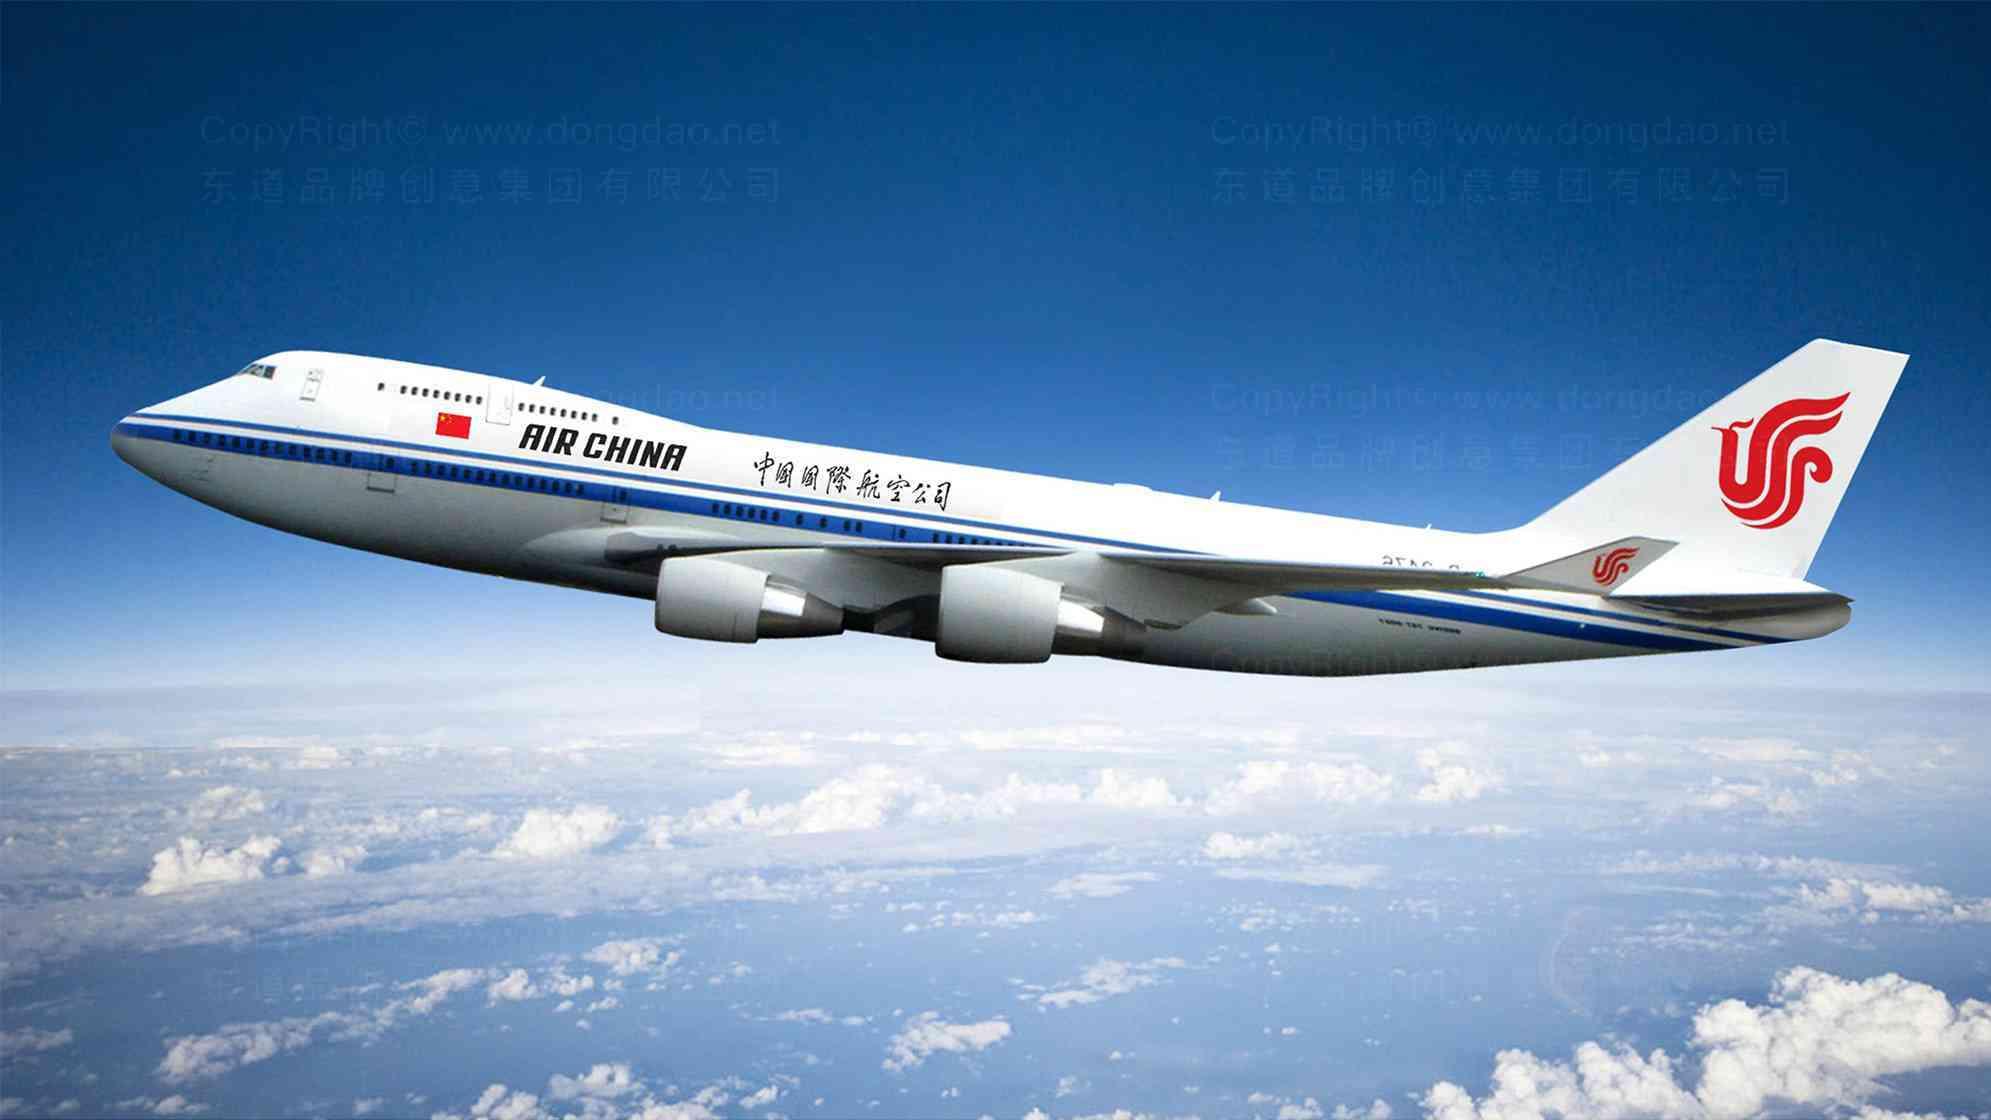 品牌设计案例中国国航VI设计